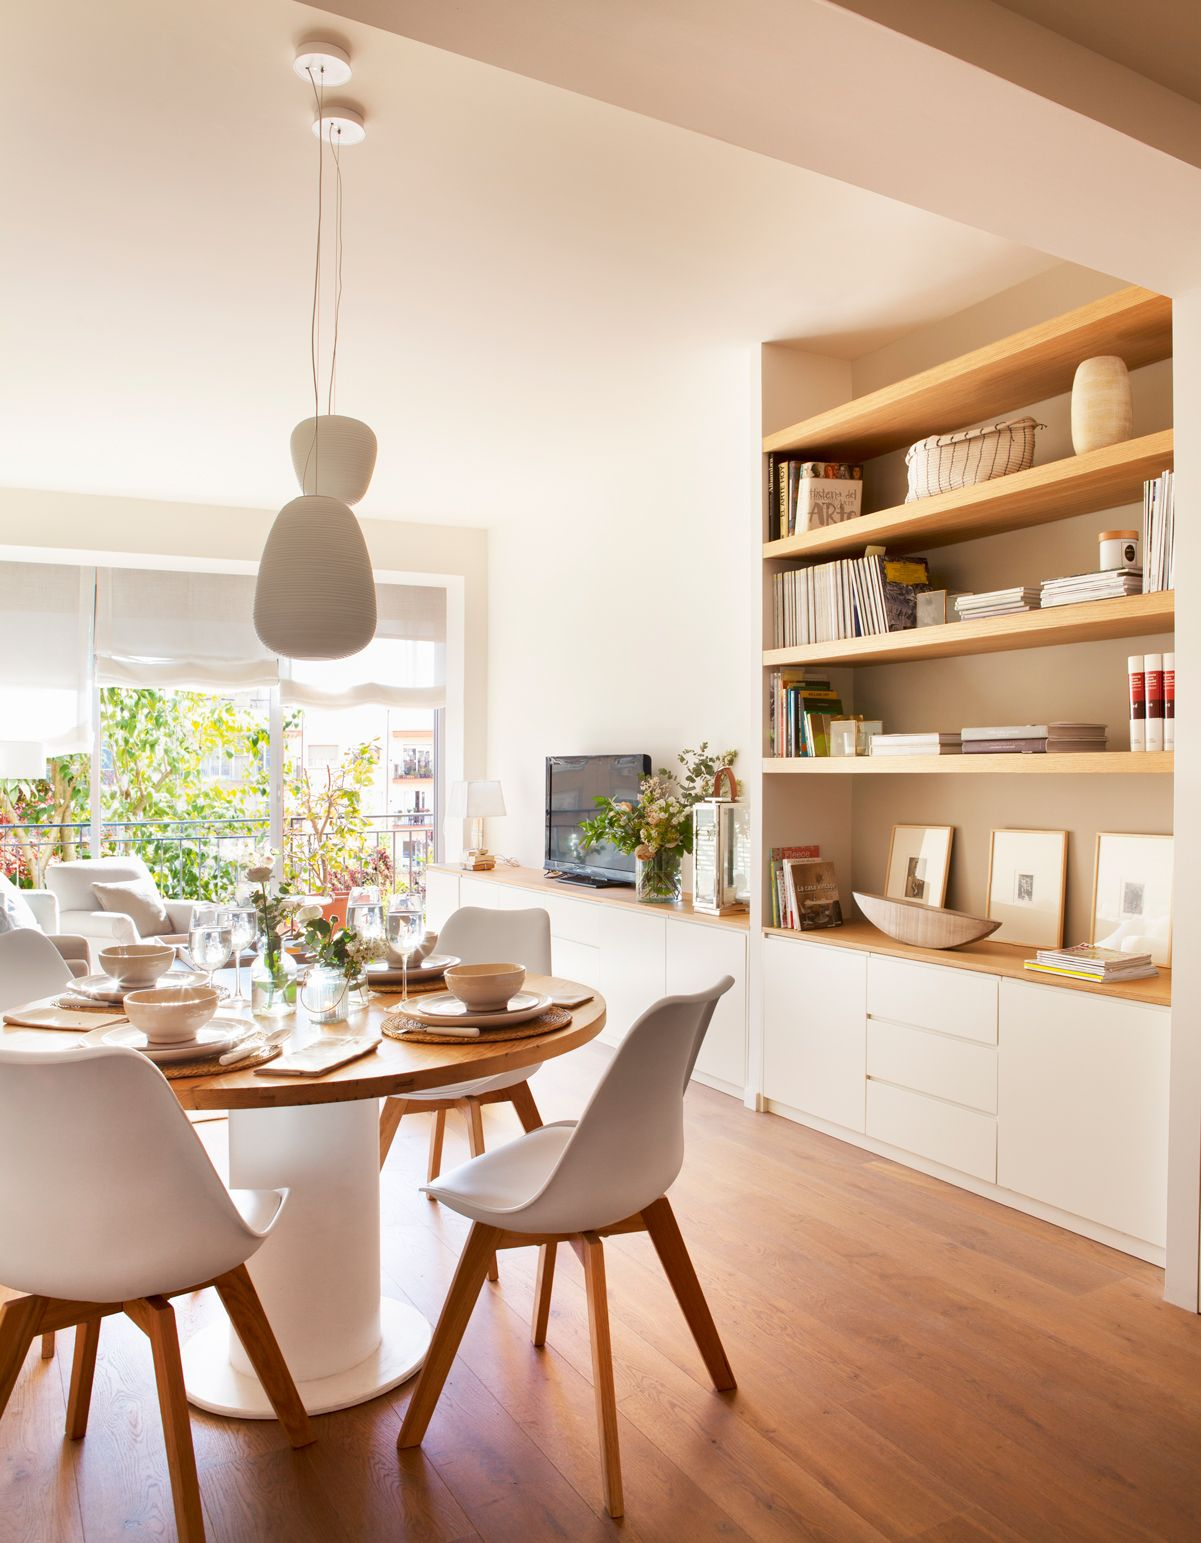 Comedor con mesa redonda y librería con baldas de madera junto a ...